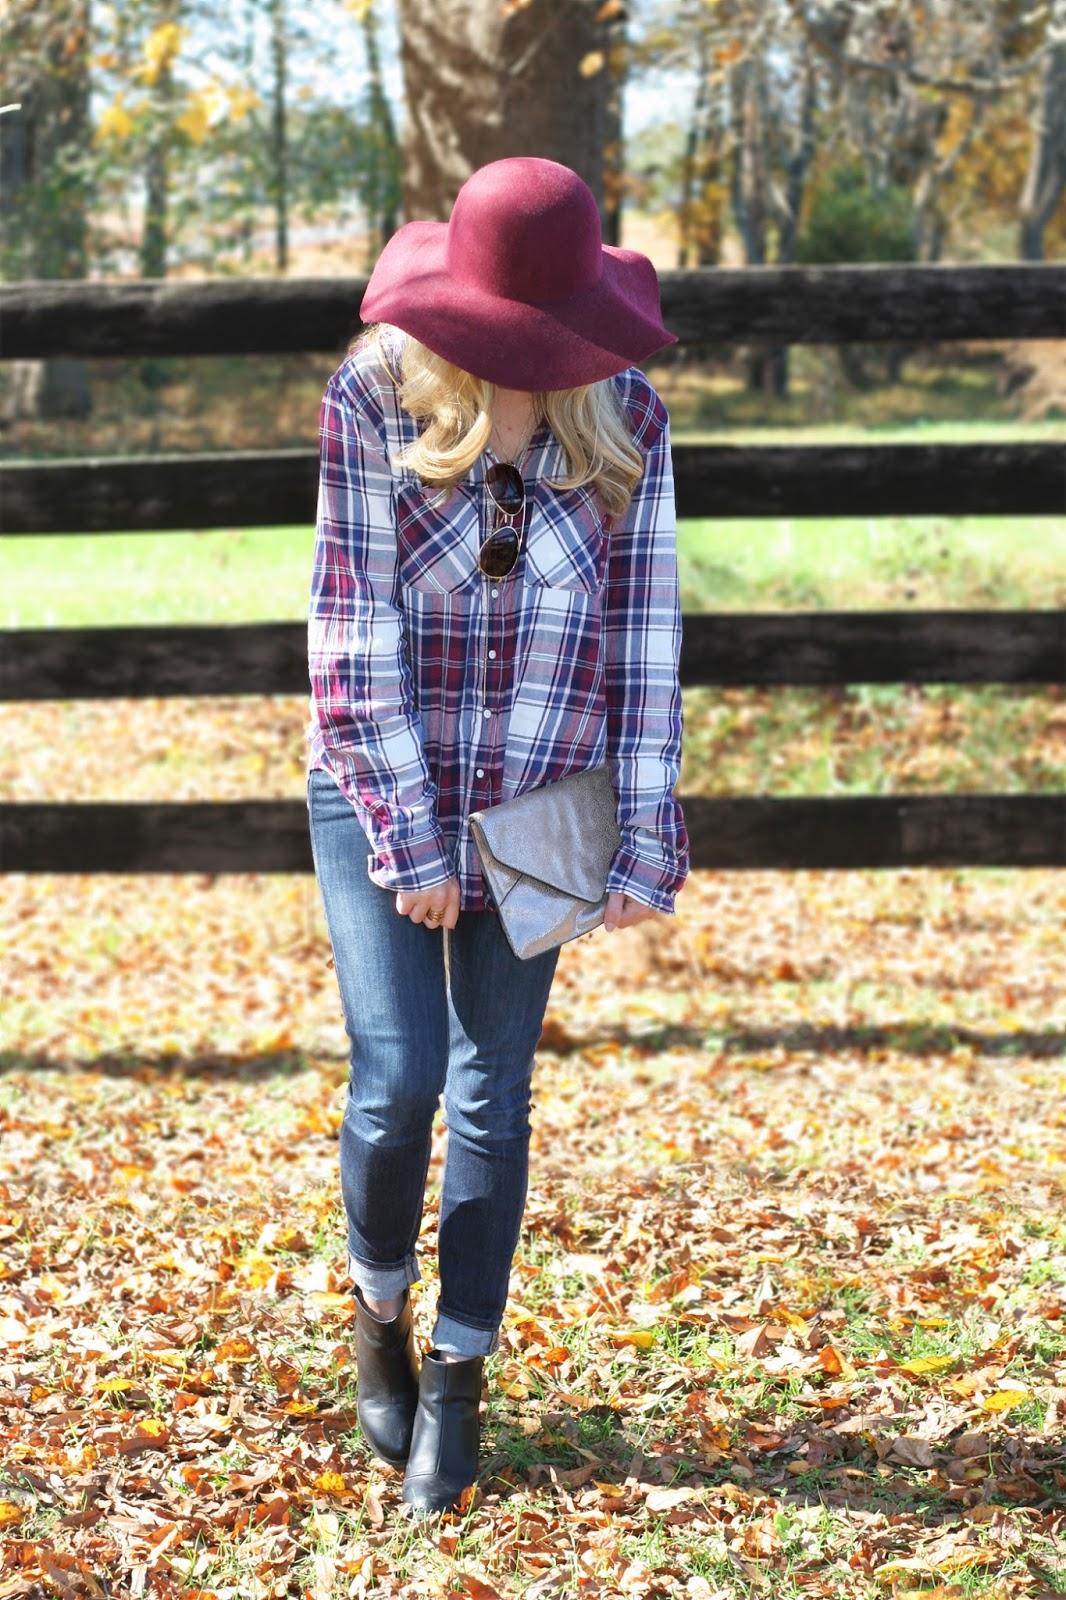 felt-floppy-hat-for-fall-cute-fall-portrait